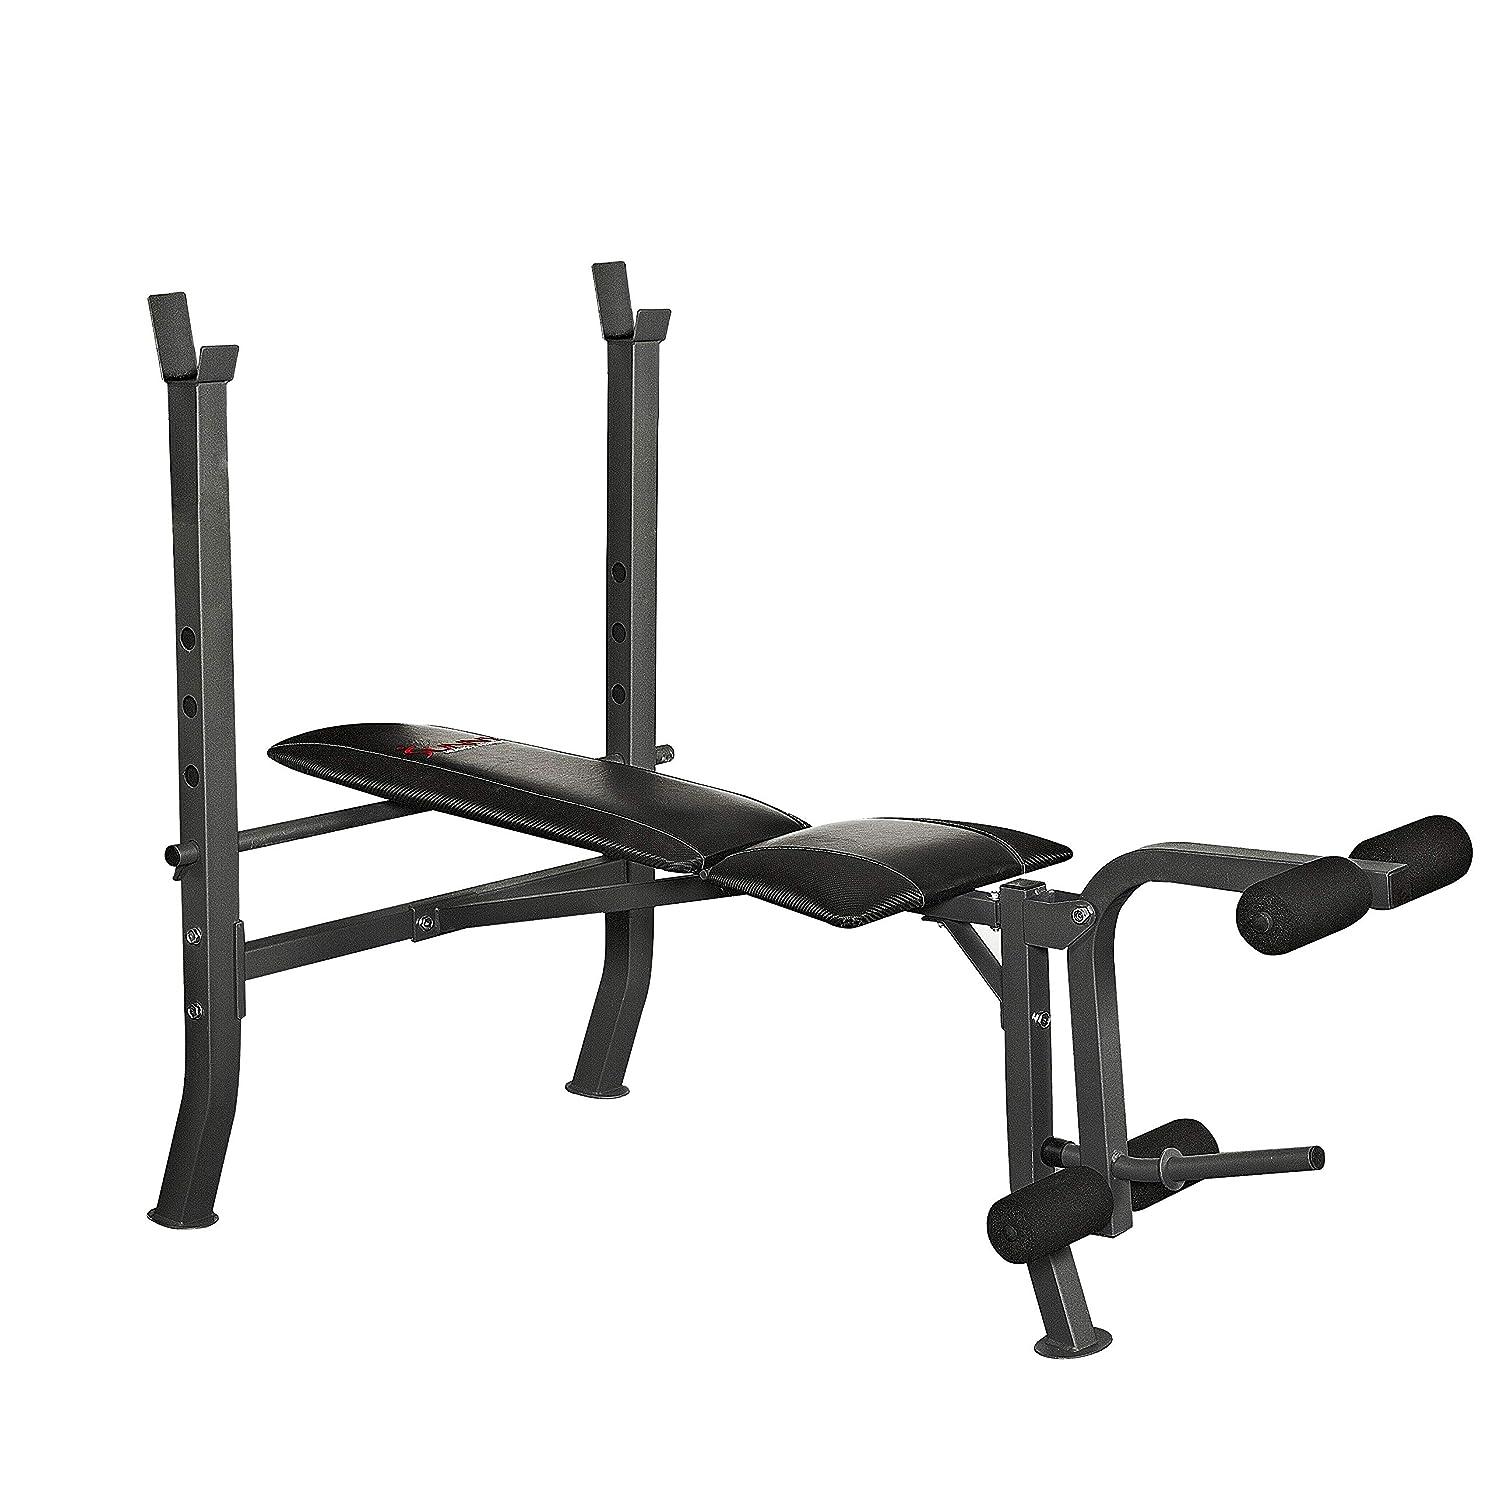 アヒル迫害シンカンSunny Health & Fitness 調節可能なウエイトベンチ デクライン付き フラットで傾斜のトレーニングポジションと脚の開発 膝の拡張とハムストリングエクササイズ用 SF-BH6811